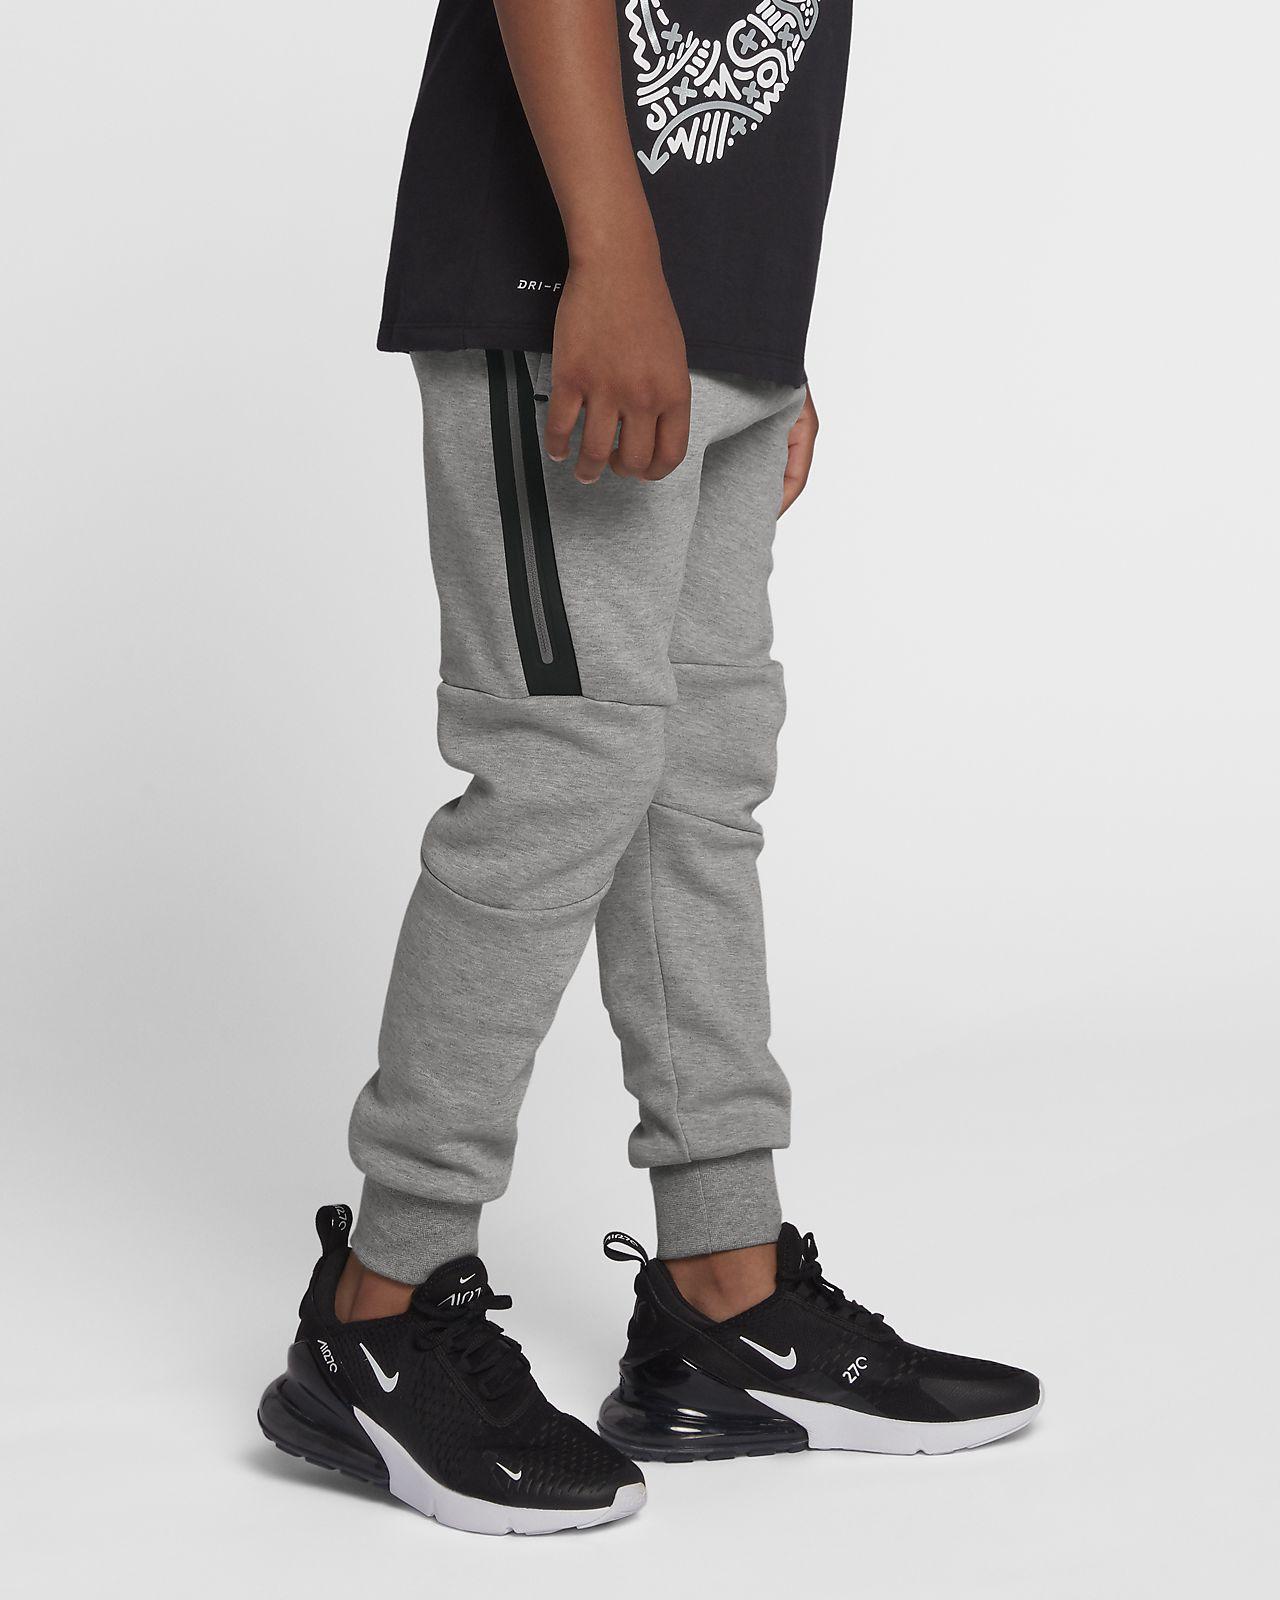 461c668ae3f7e Nike Sportswear Tech Fleece Older Kids' (Boys') Trousers. Nike.com SG